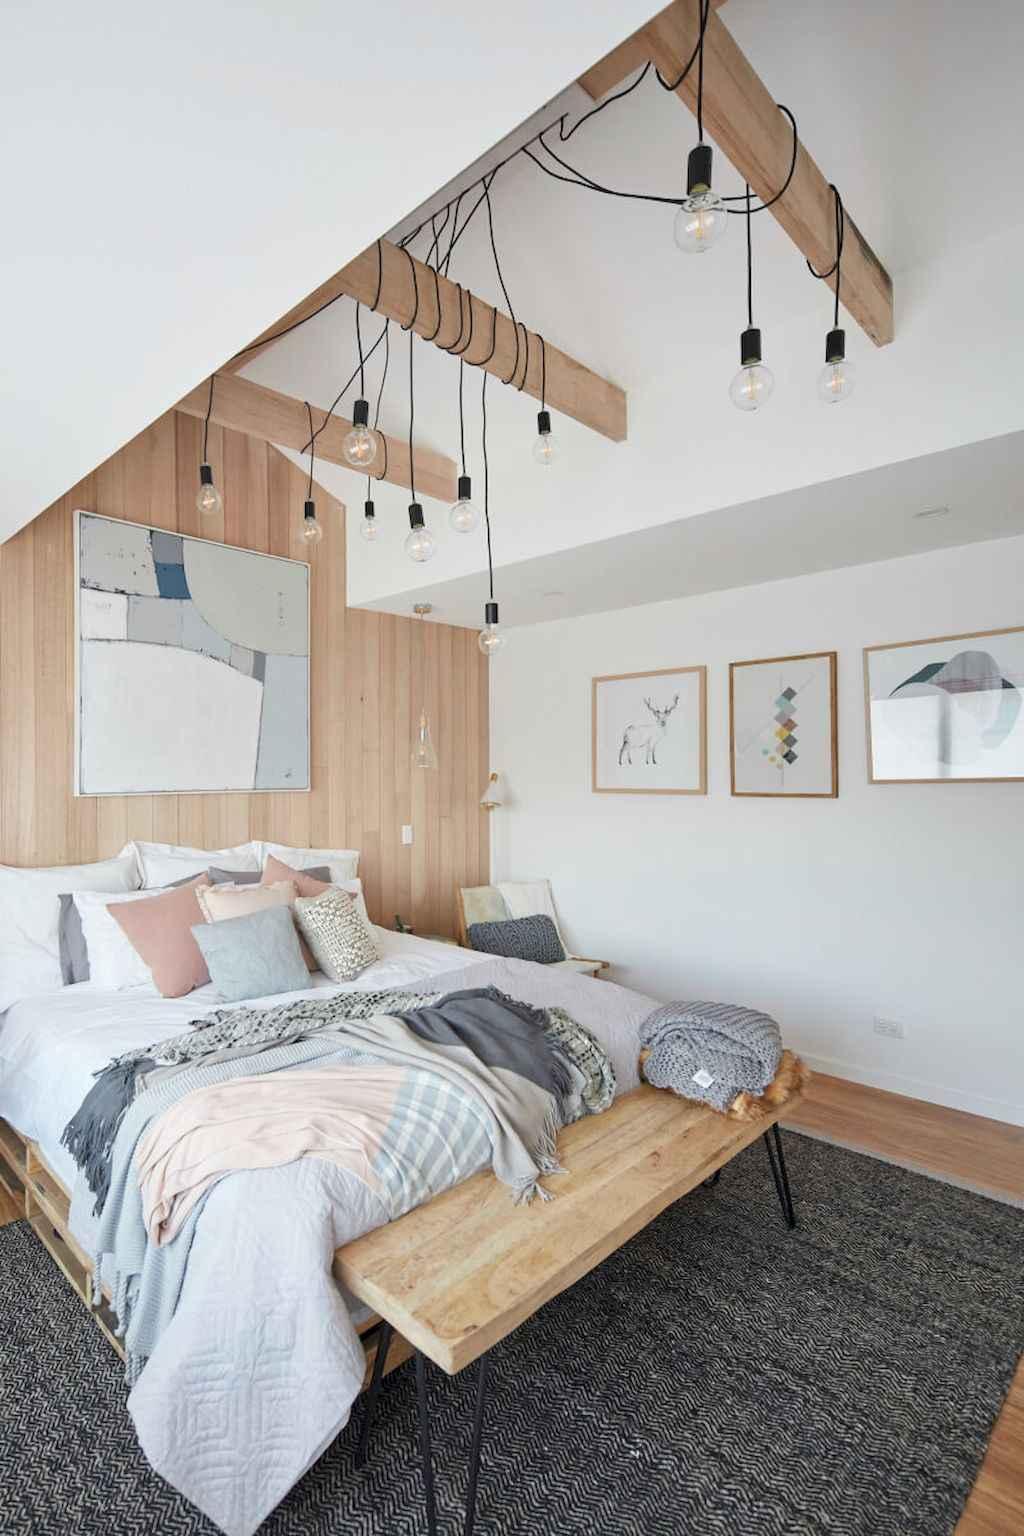 60 popular scandinavian bedroom decorating ideas (35)